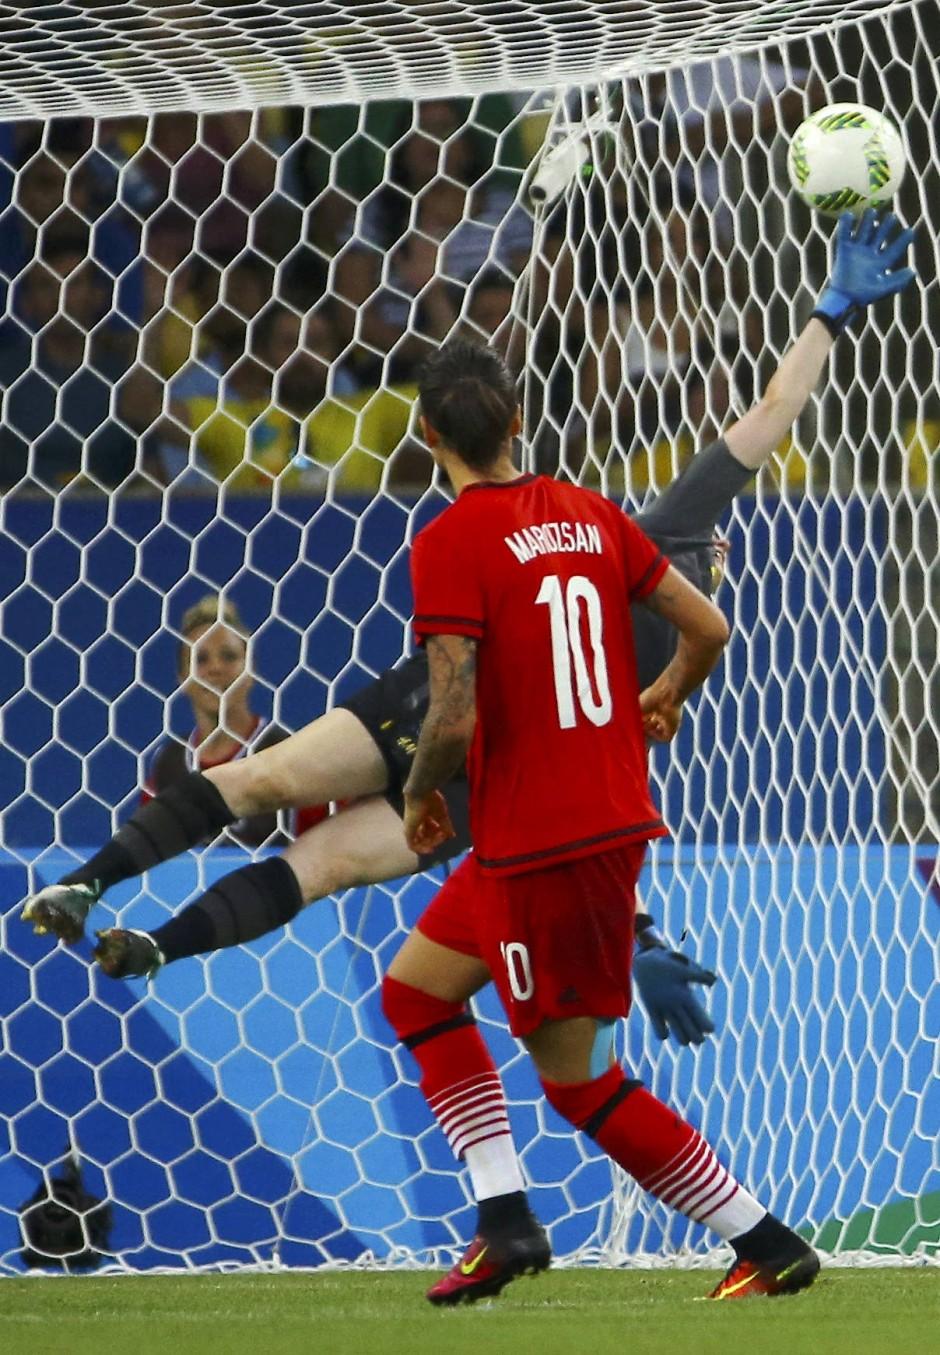 Goldmoment: Maroszans Tor im Finale von Rio gegen Schweden